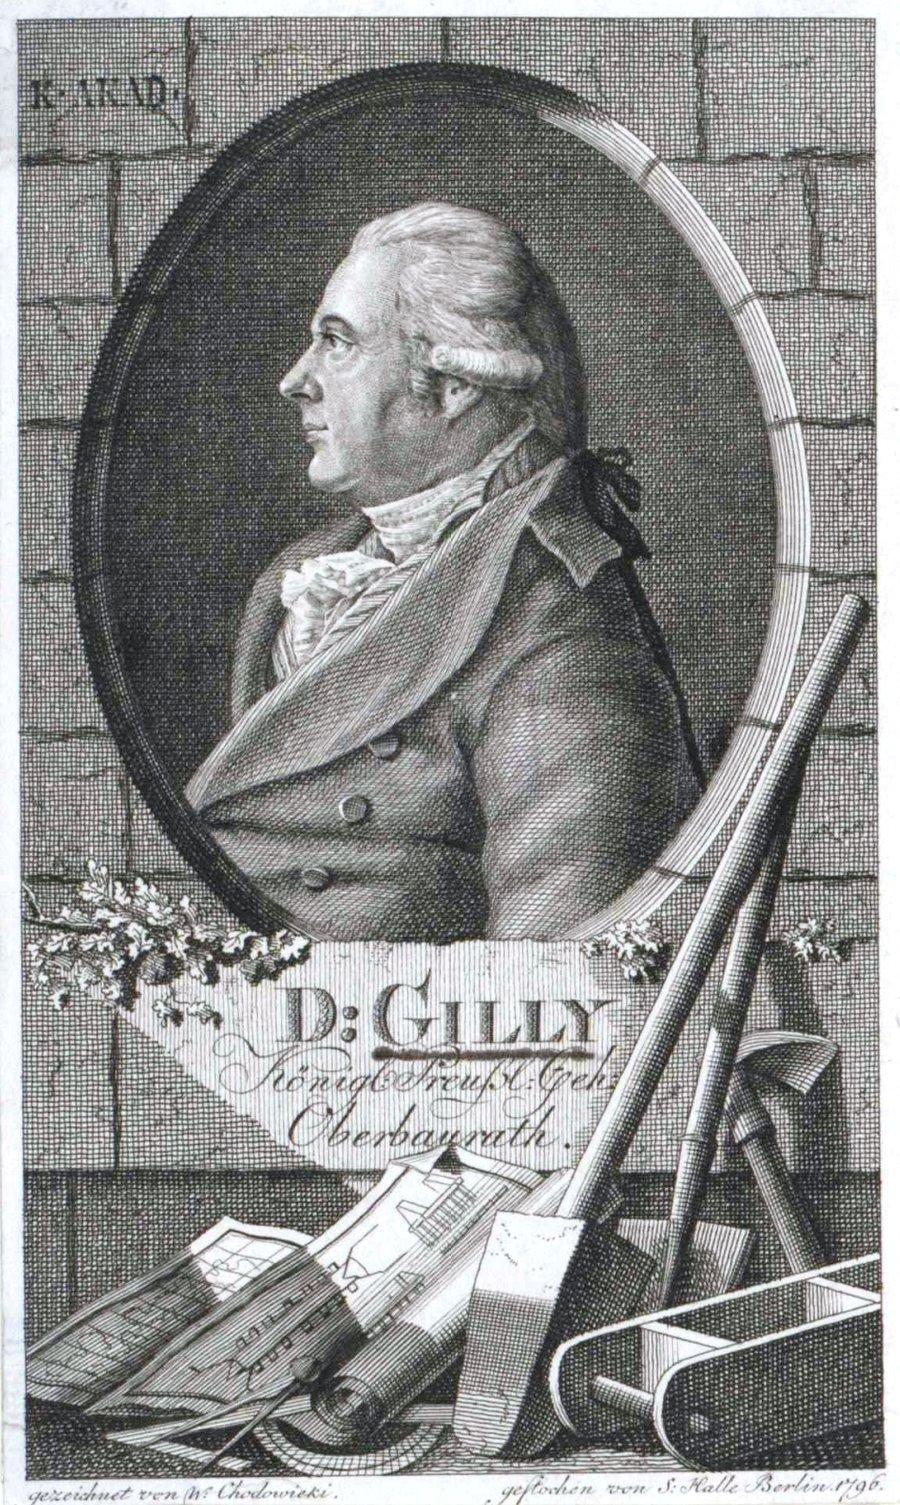 Von Daniel Chodowiecki - http://www.guetergotz-kultur-landschaft.de/index1.html, Gemeinfrei, https://commons.wikimedia.org/w/index.php?curid=9545005